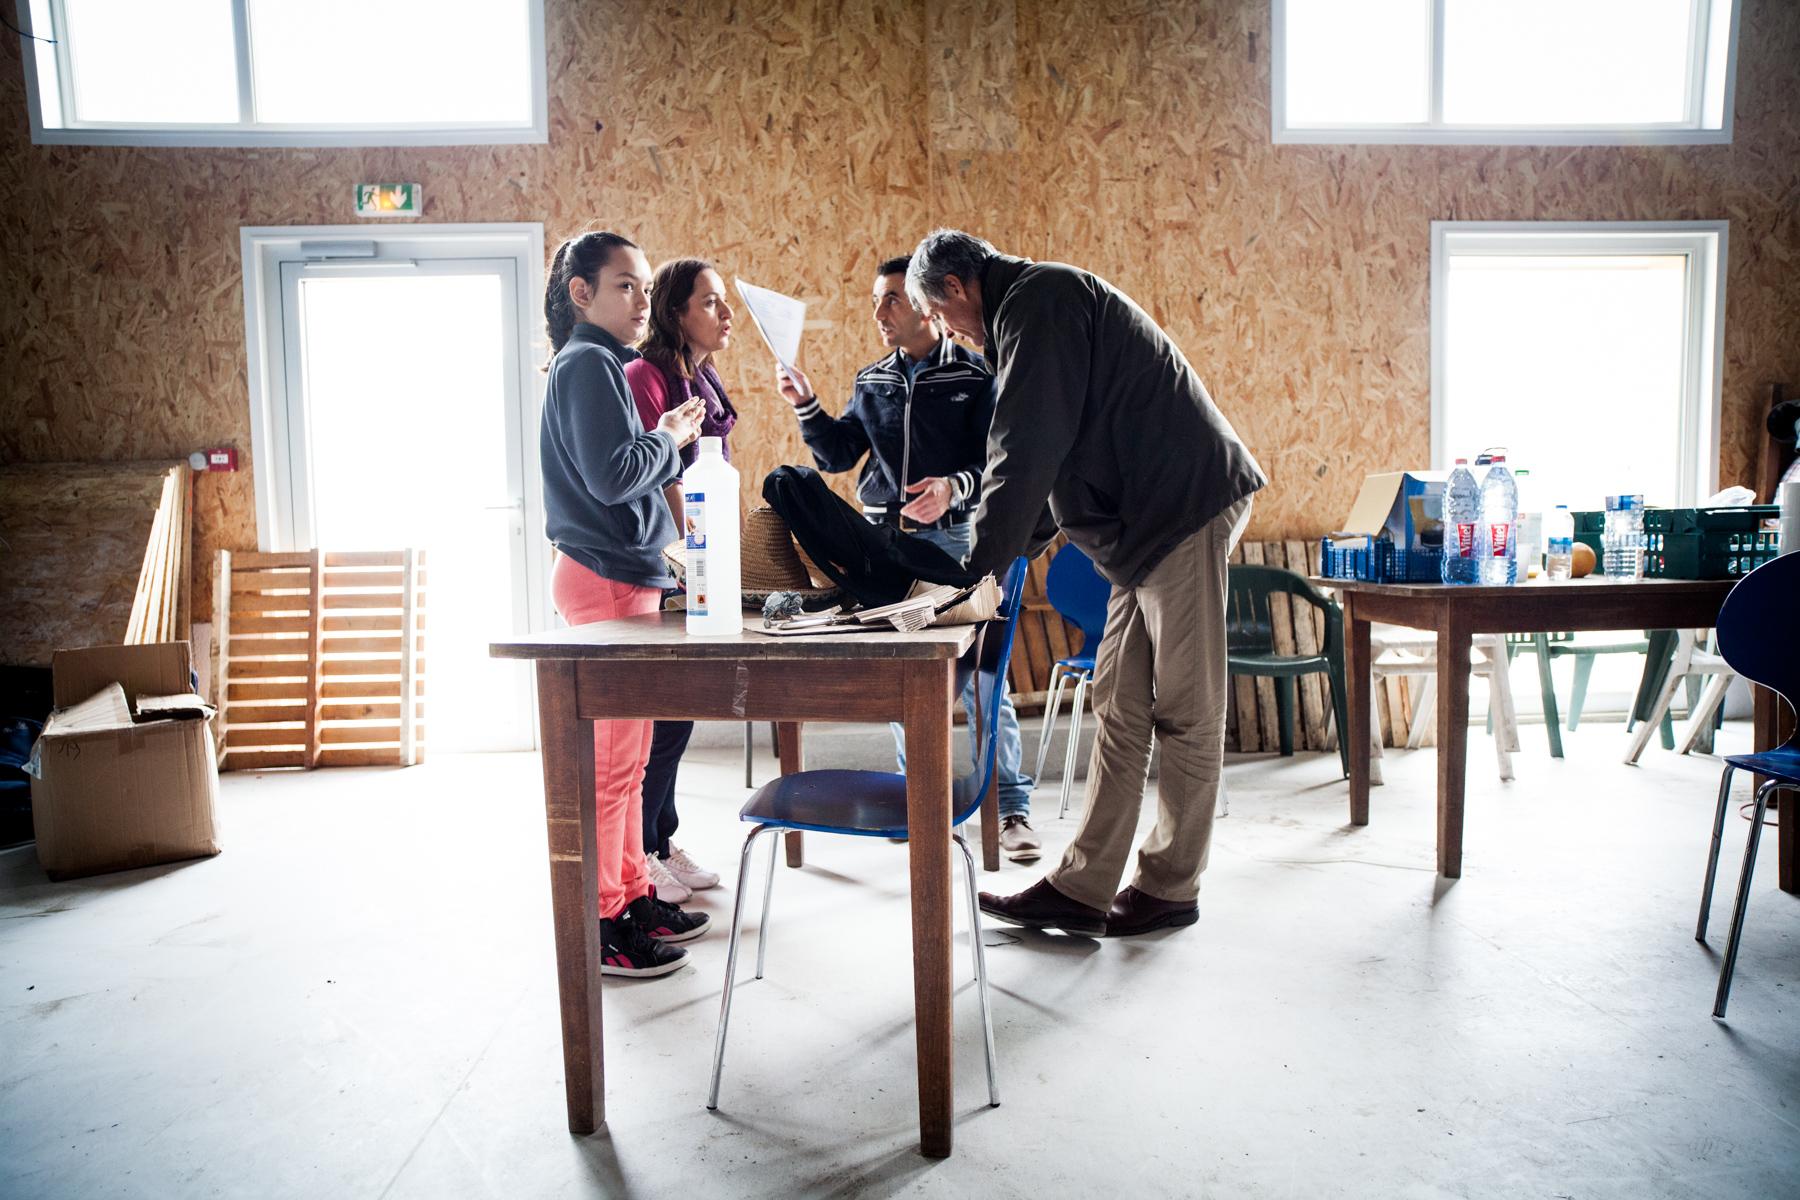 Vincent, du Secours Catholique,prend le temps d'examiner les papiers d'un réfugié et de lui expliquer ce qu'il peut en attendre. Les familles calaisiennes sont là pour en discuter également.  Témoignage Chrétien - 30.10.15